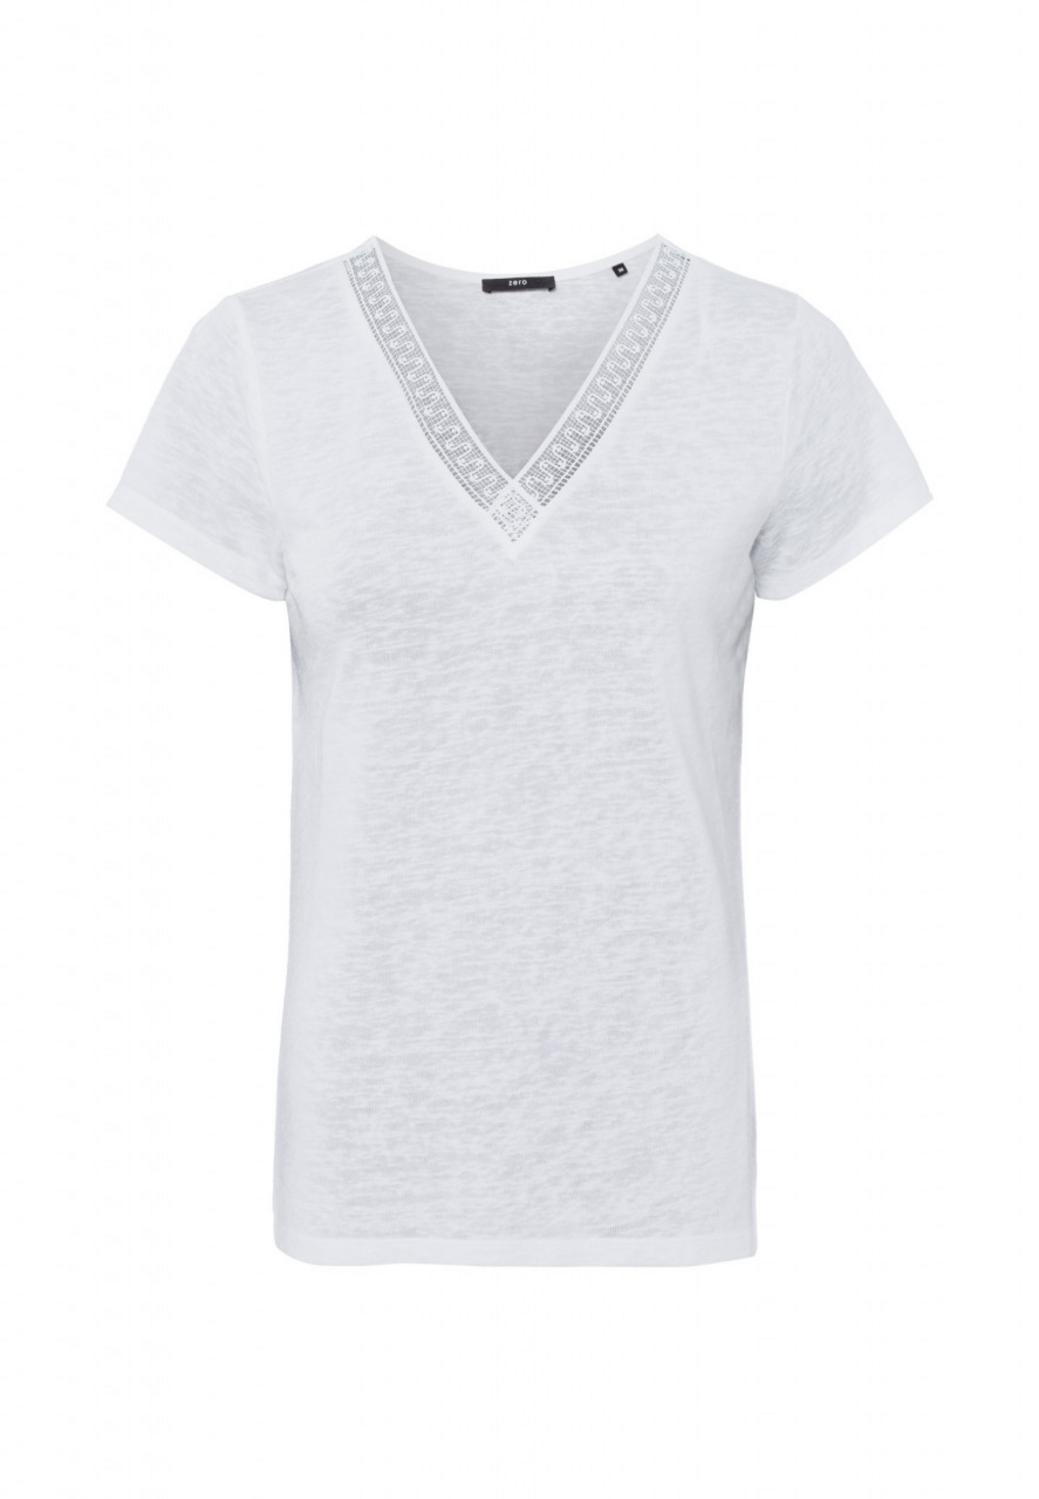 T-Shirt/ Top